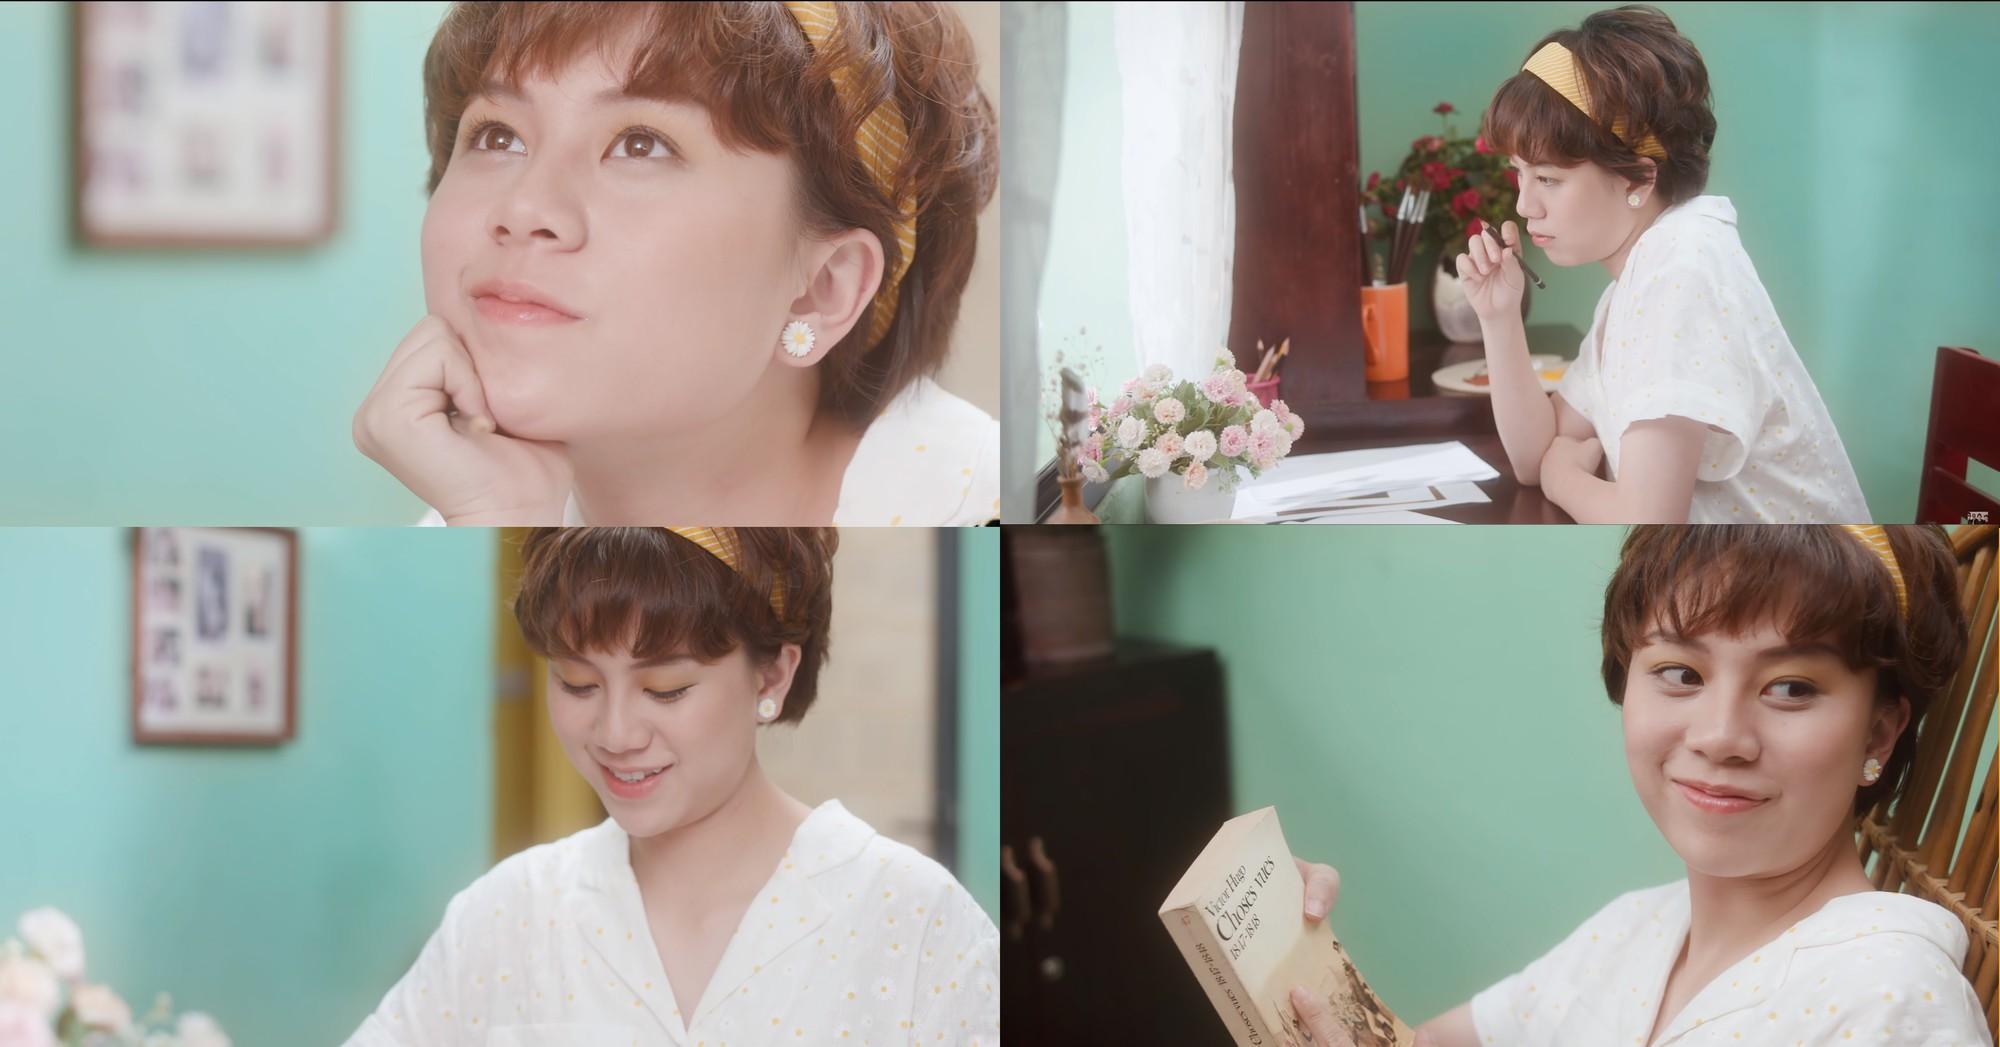 Bảo Hân (Về nhà đi con) siêu nữ tính trong MV mới của DaLAB, xinh thì xinh đấy nhưng hơi… không quen! - Ảnh 2.